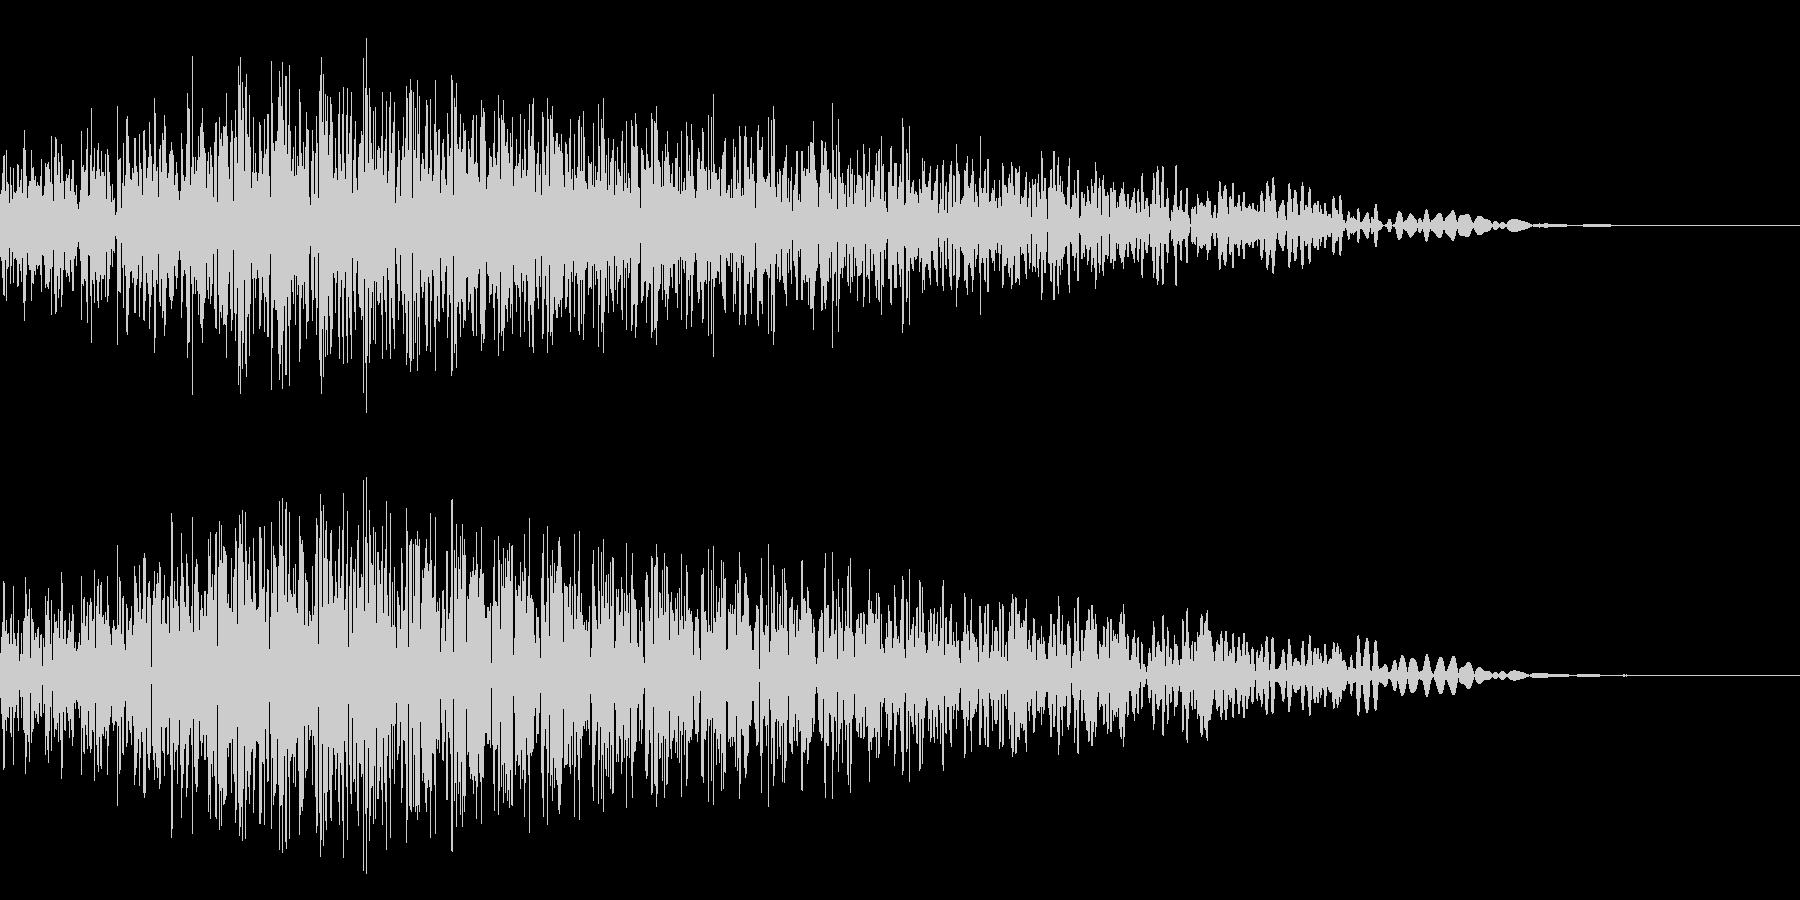 メニュー画面音(ウインドウ,決定等)11の未再生の波形